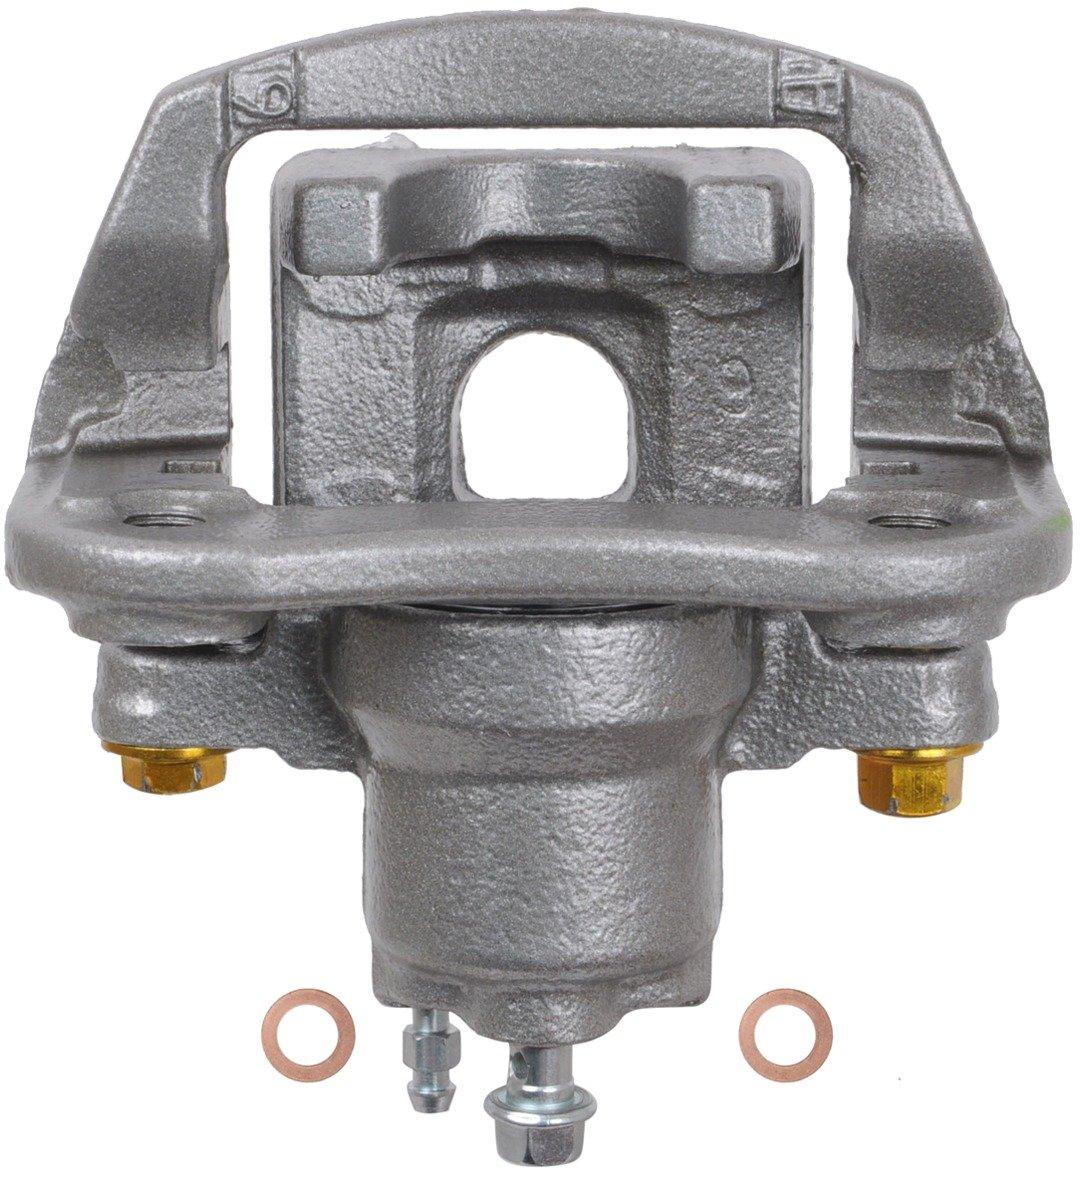 A1 Cardone 19-P2783 Remanufactured Ultra Caliper,1 Pack